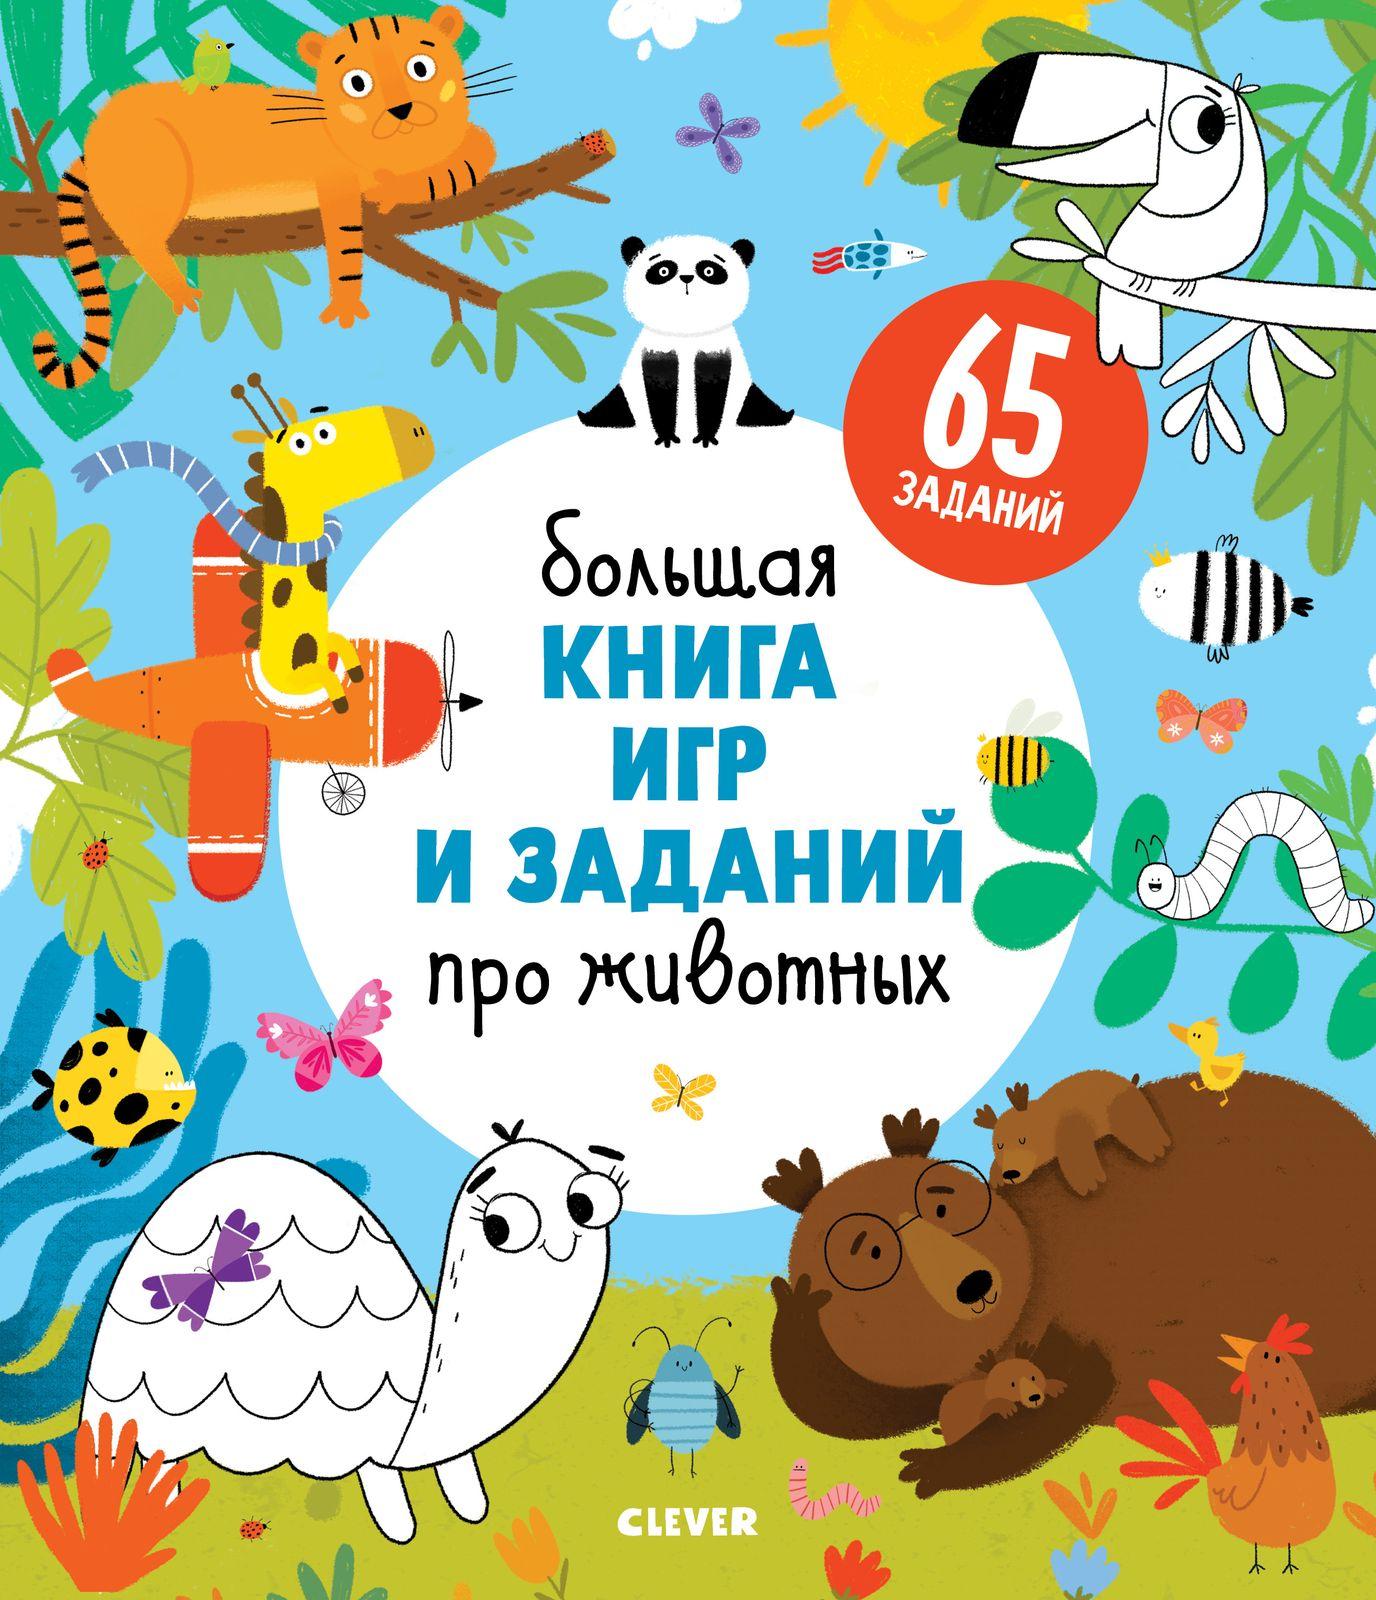 Купить Большая книга игр и заданий про животных, Издательство Клевер